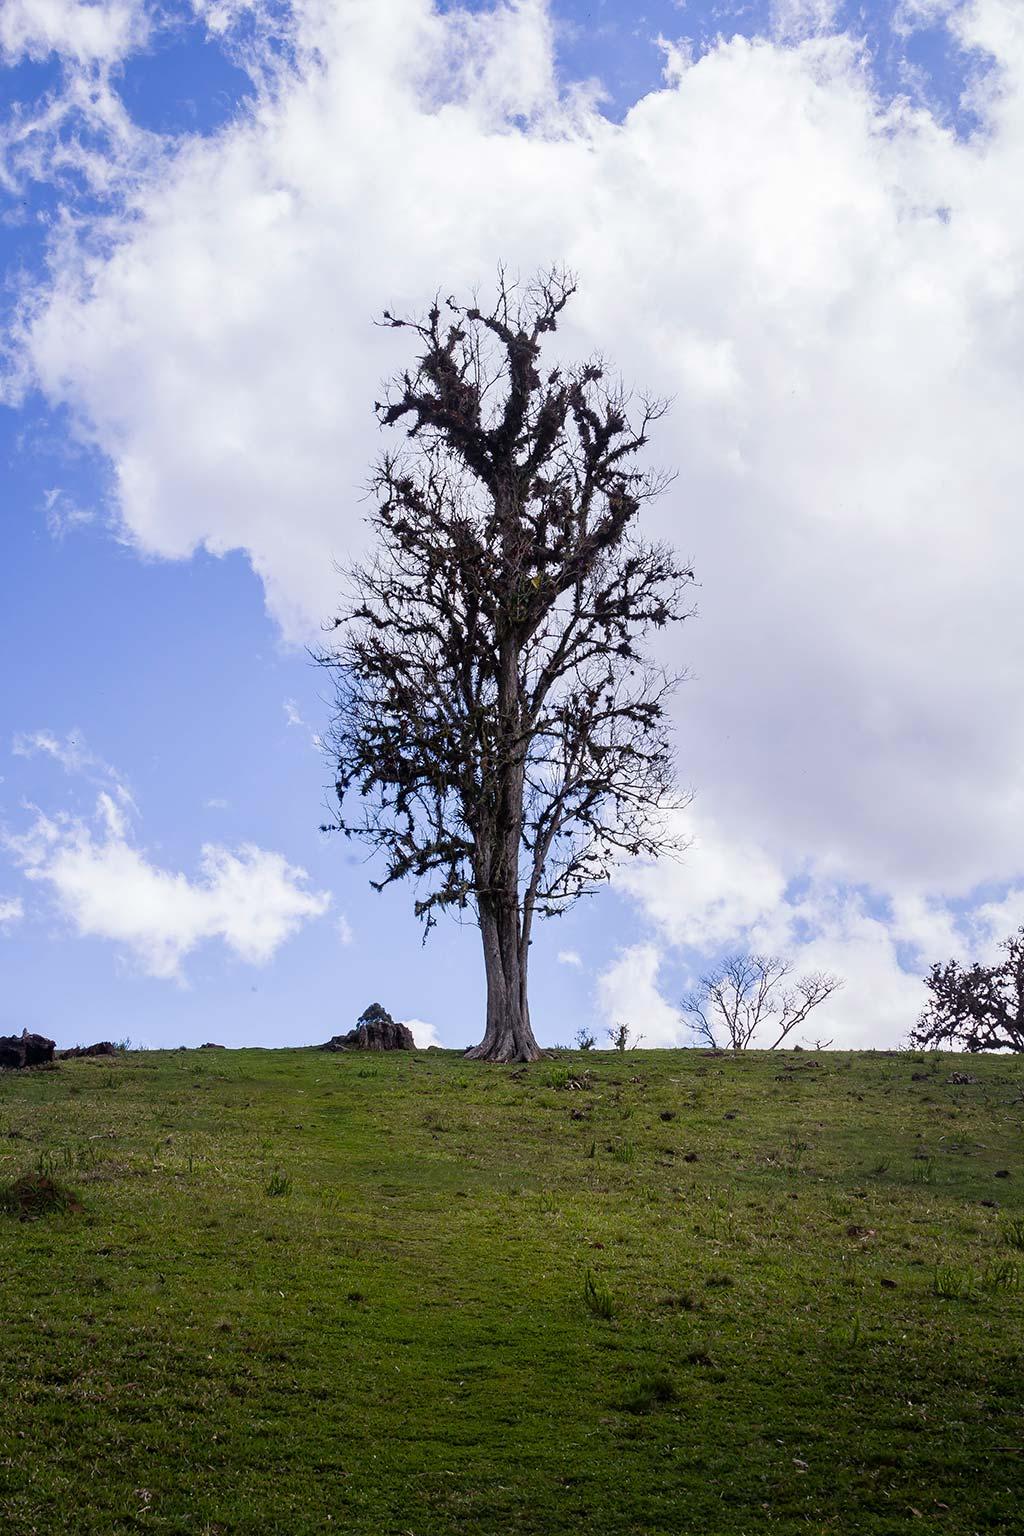 Circuito Vale Europeu - Dia 3 - Rio dos Cedros - Árvore no campo da Cachoeira Gruta do Índio